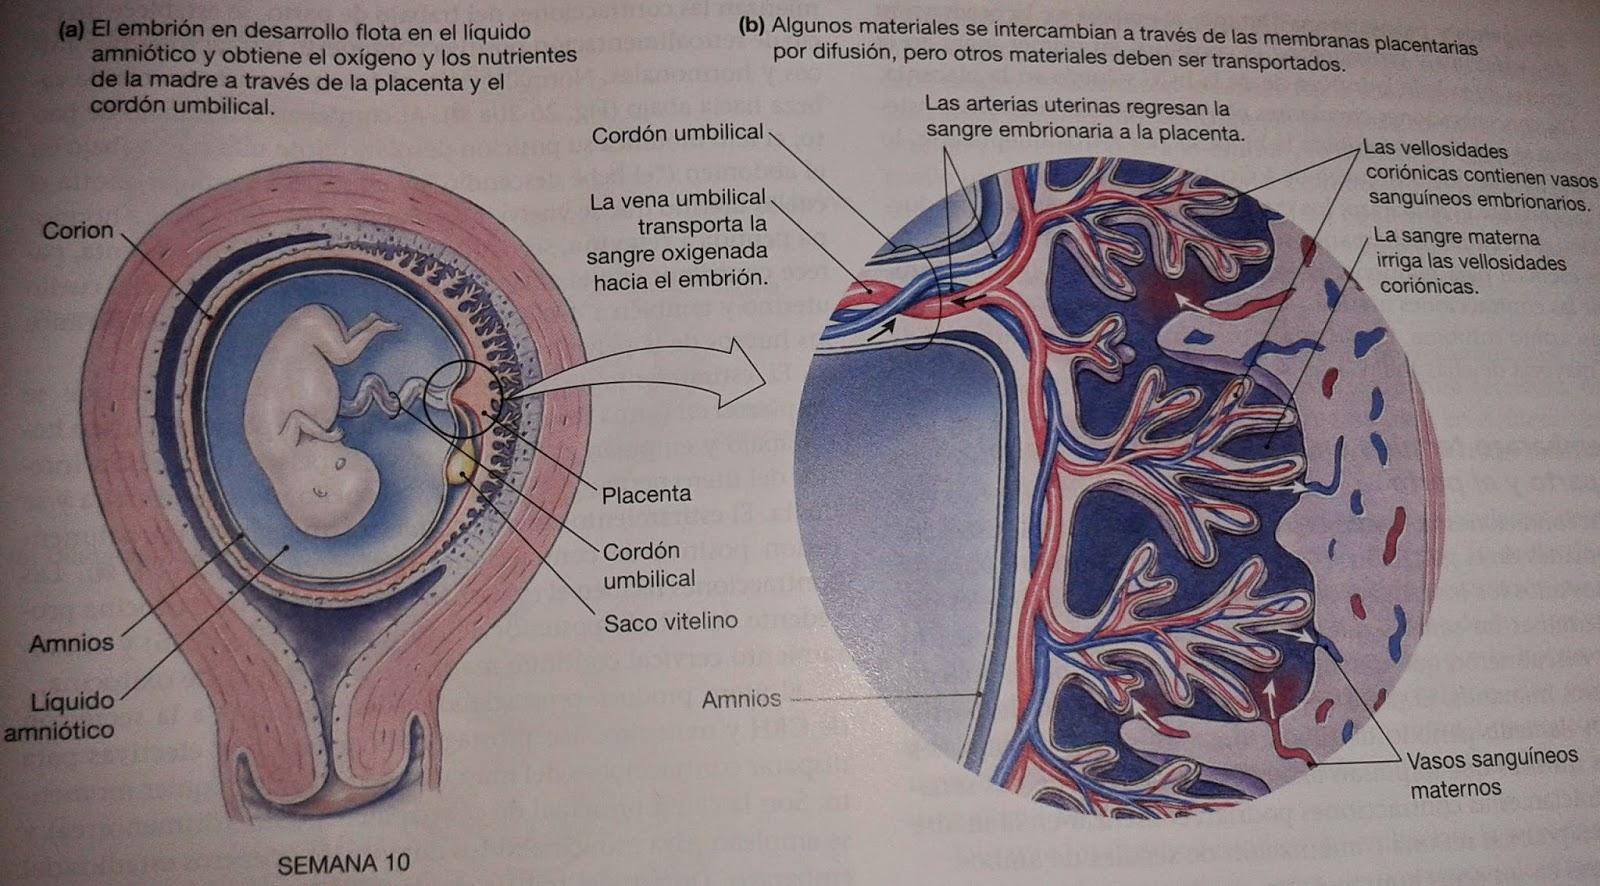 Fisiología y Biofísica: Cordón umbilical